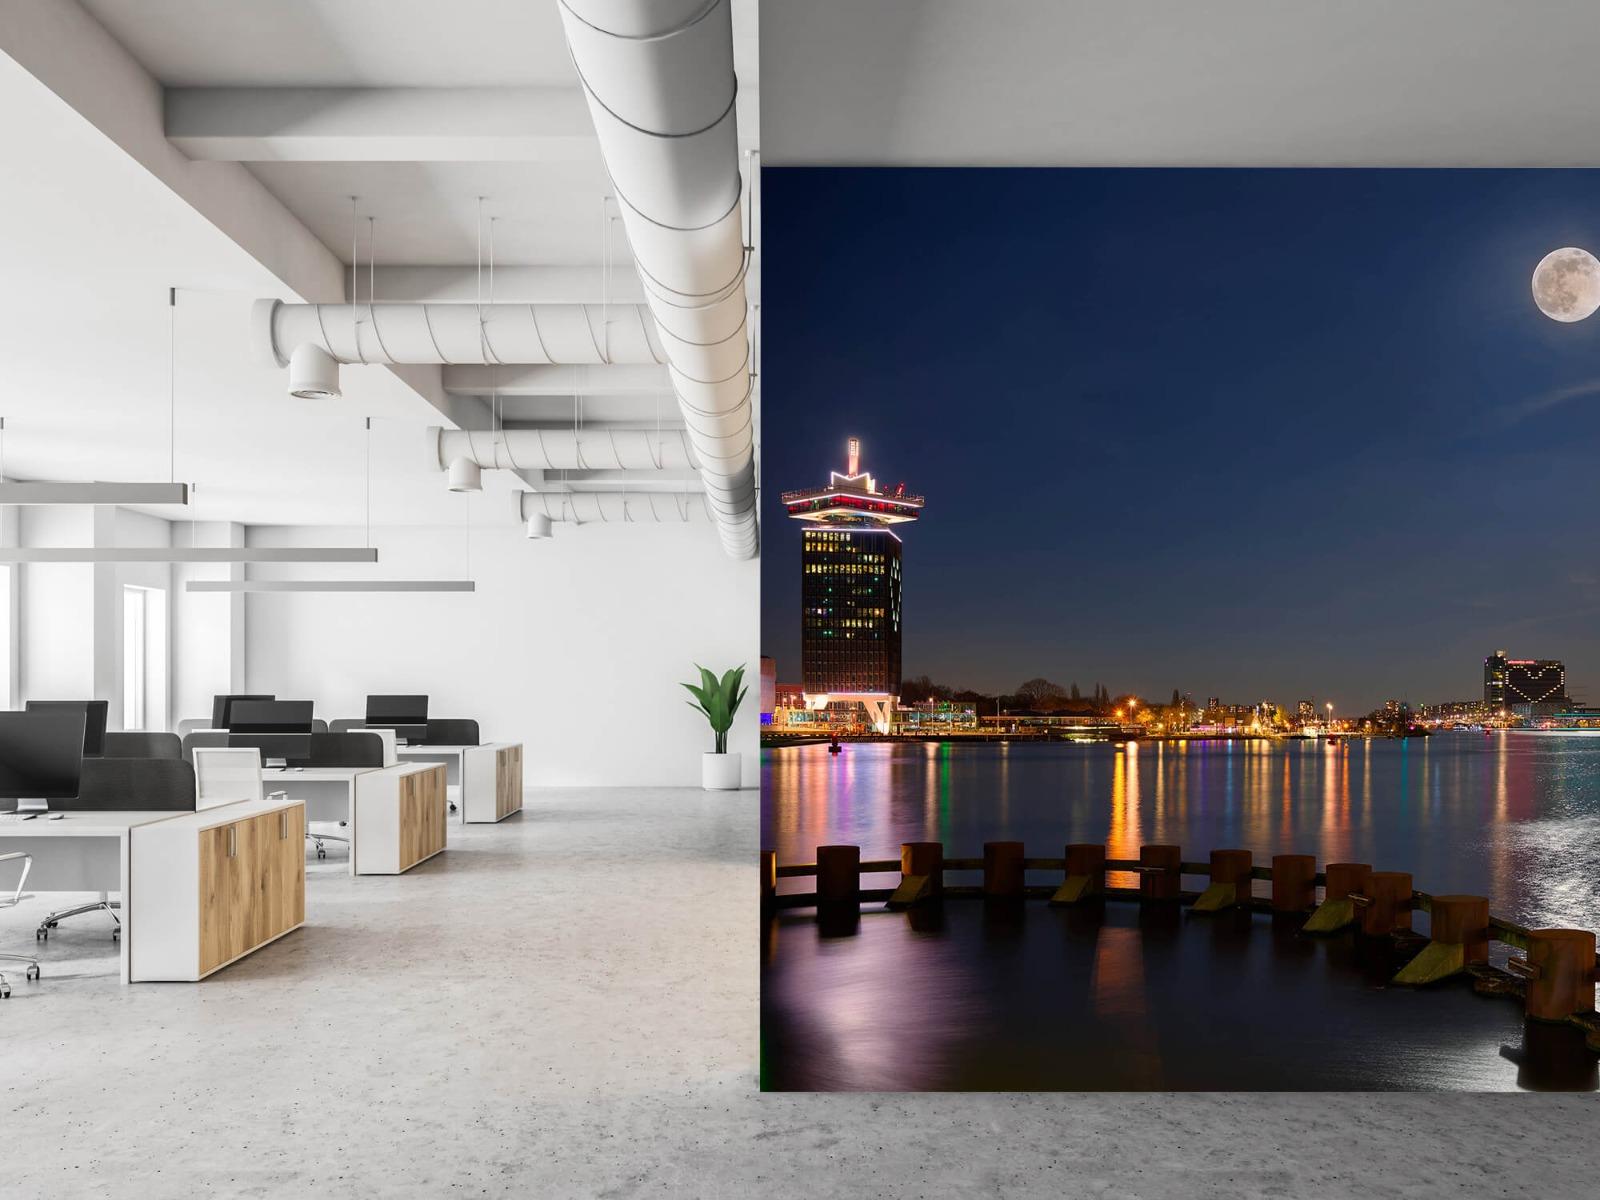 Steden behang - Supermaan in Amsterdam - Slaapkamer 21